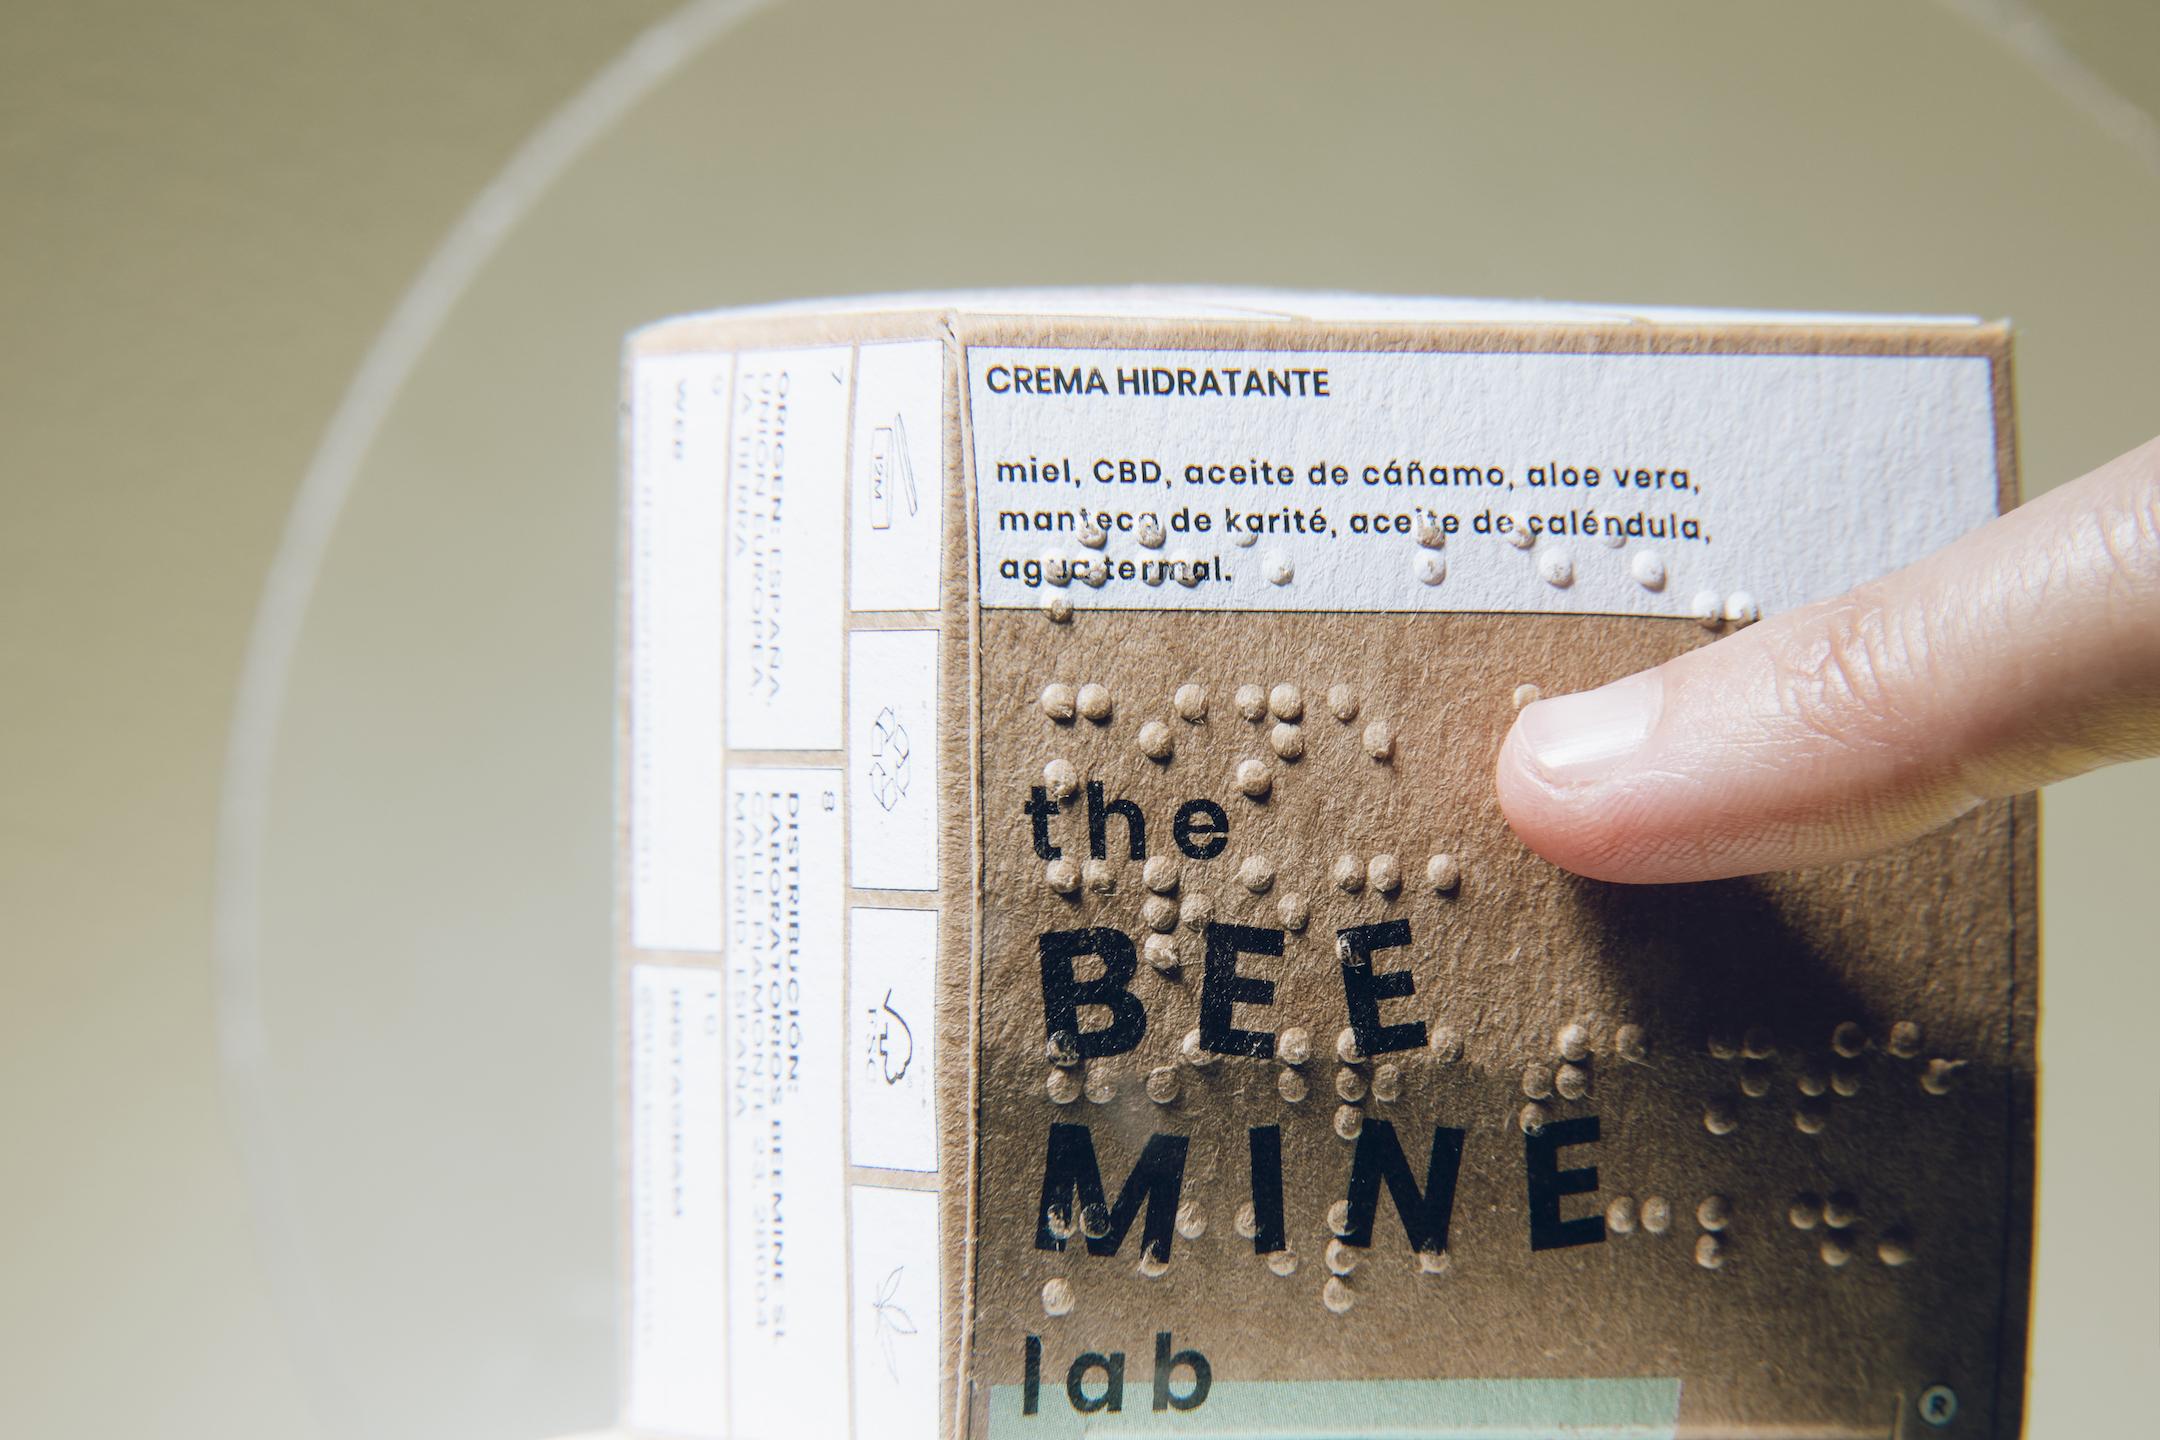 The Beemine Lab tiene la fórmula cosmética ganadora: CBD + miel